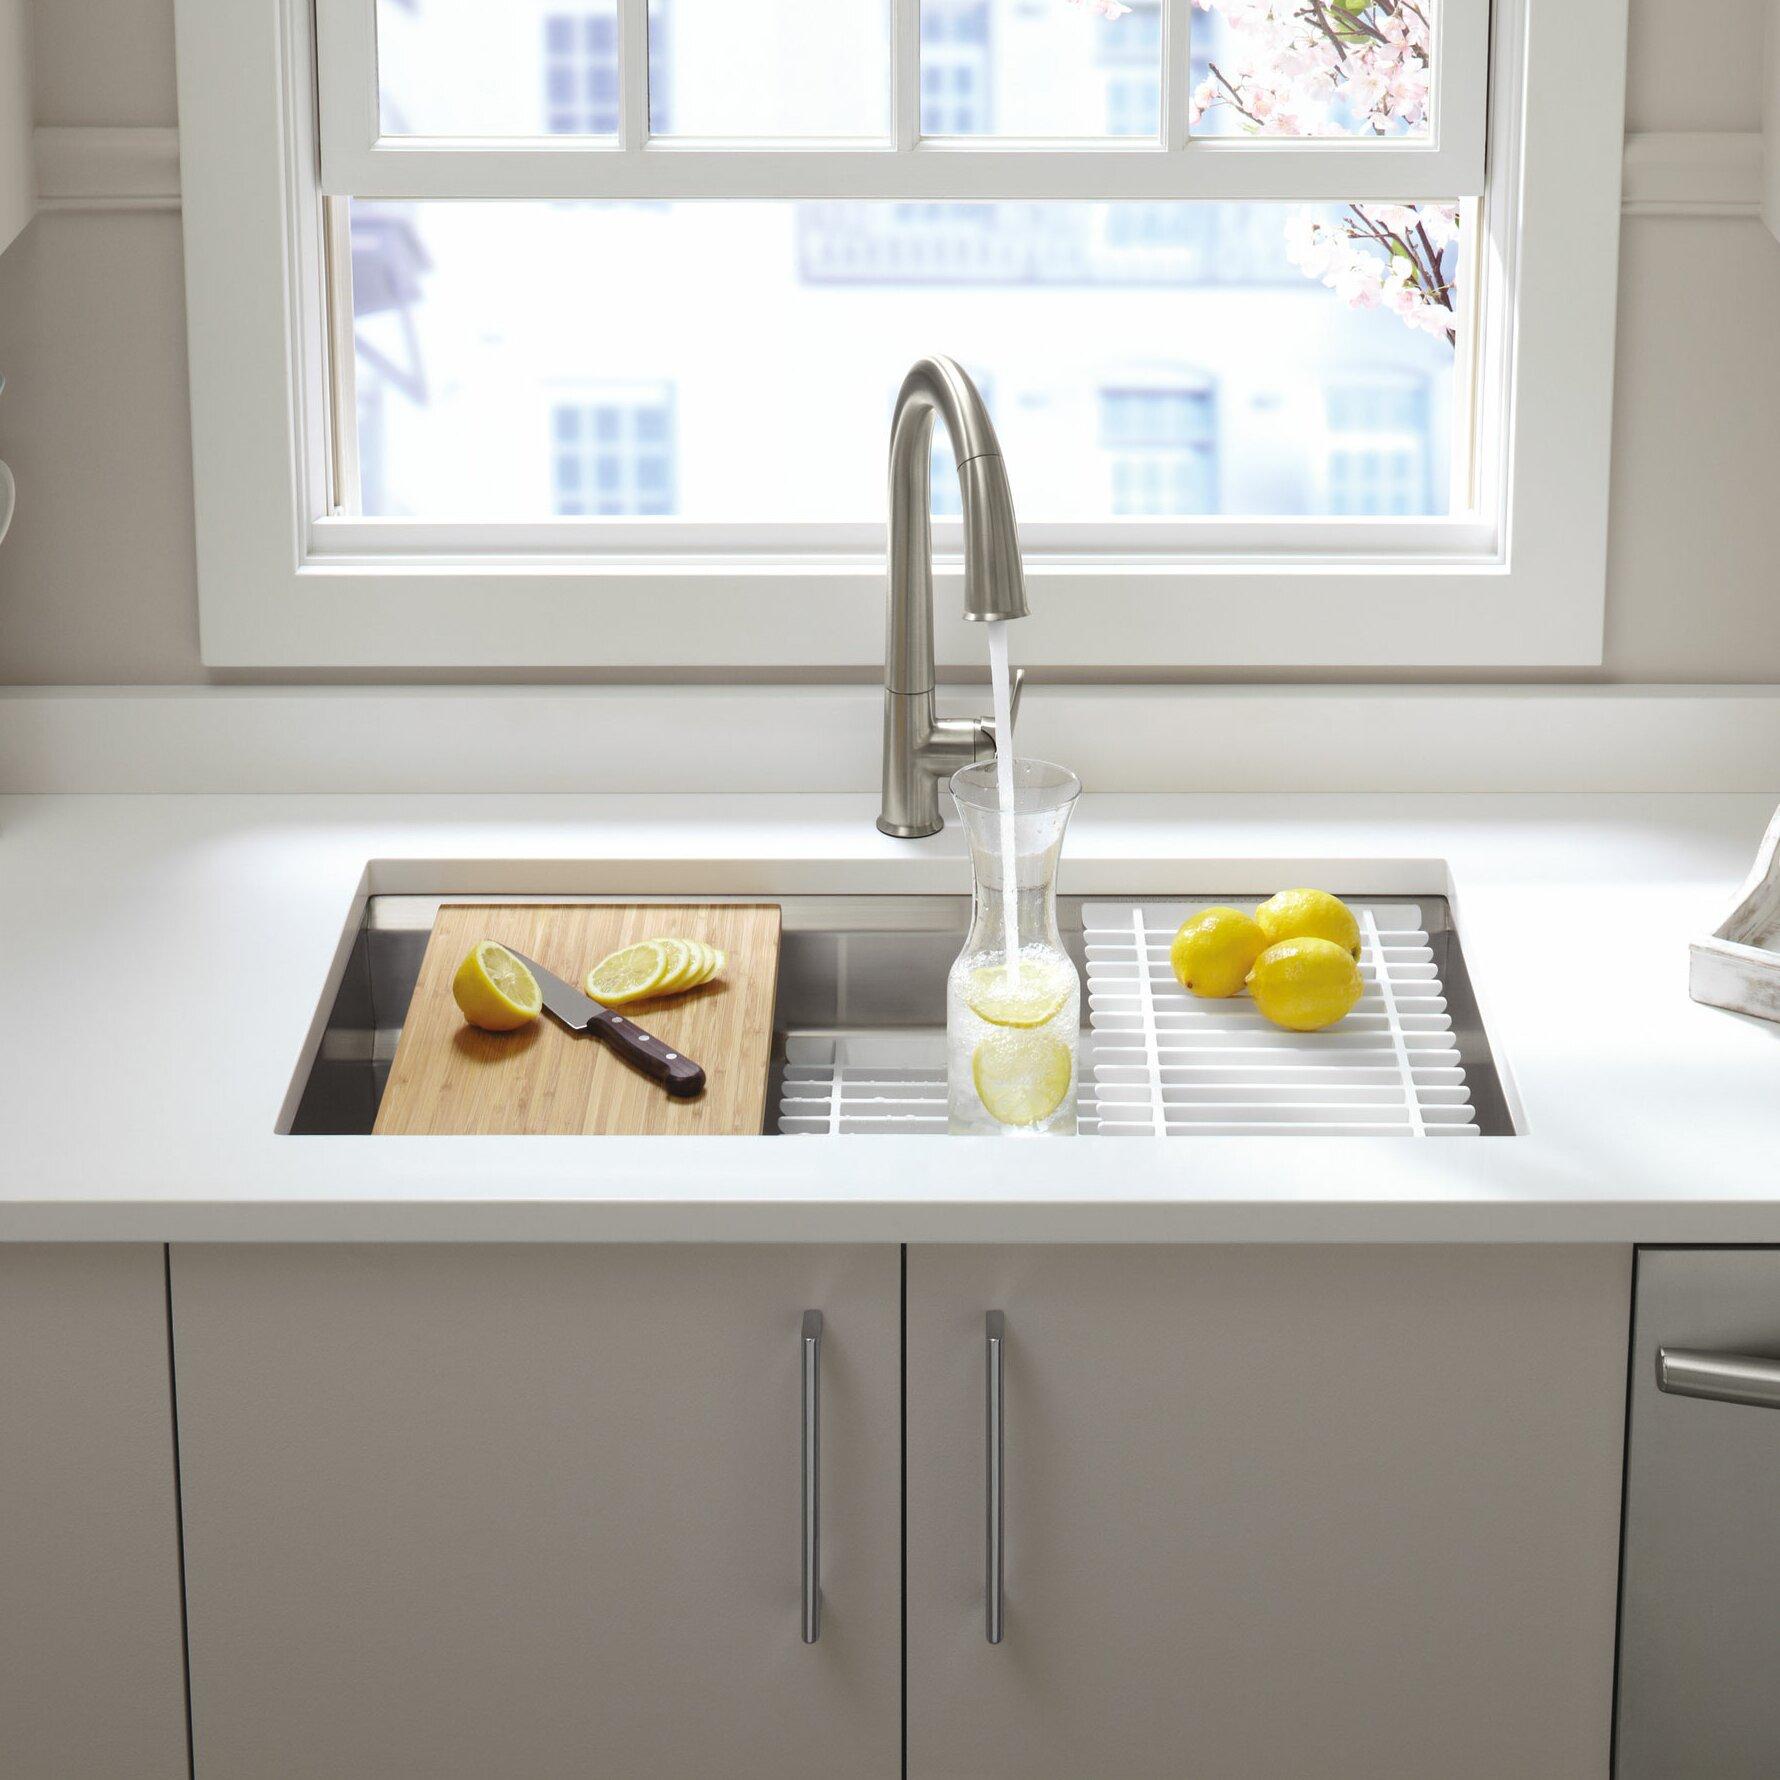 Kohler prolific 33 x 17 3 4 x 11 undermount single bowl - Kitchen sink pieces ...